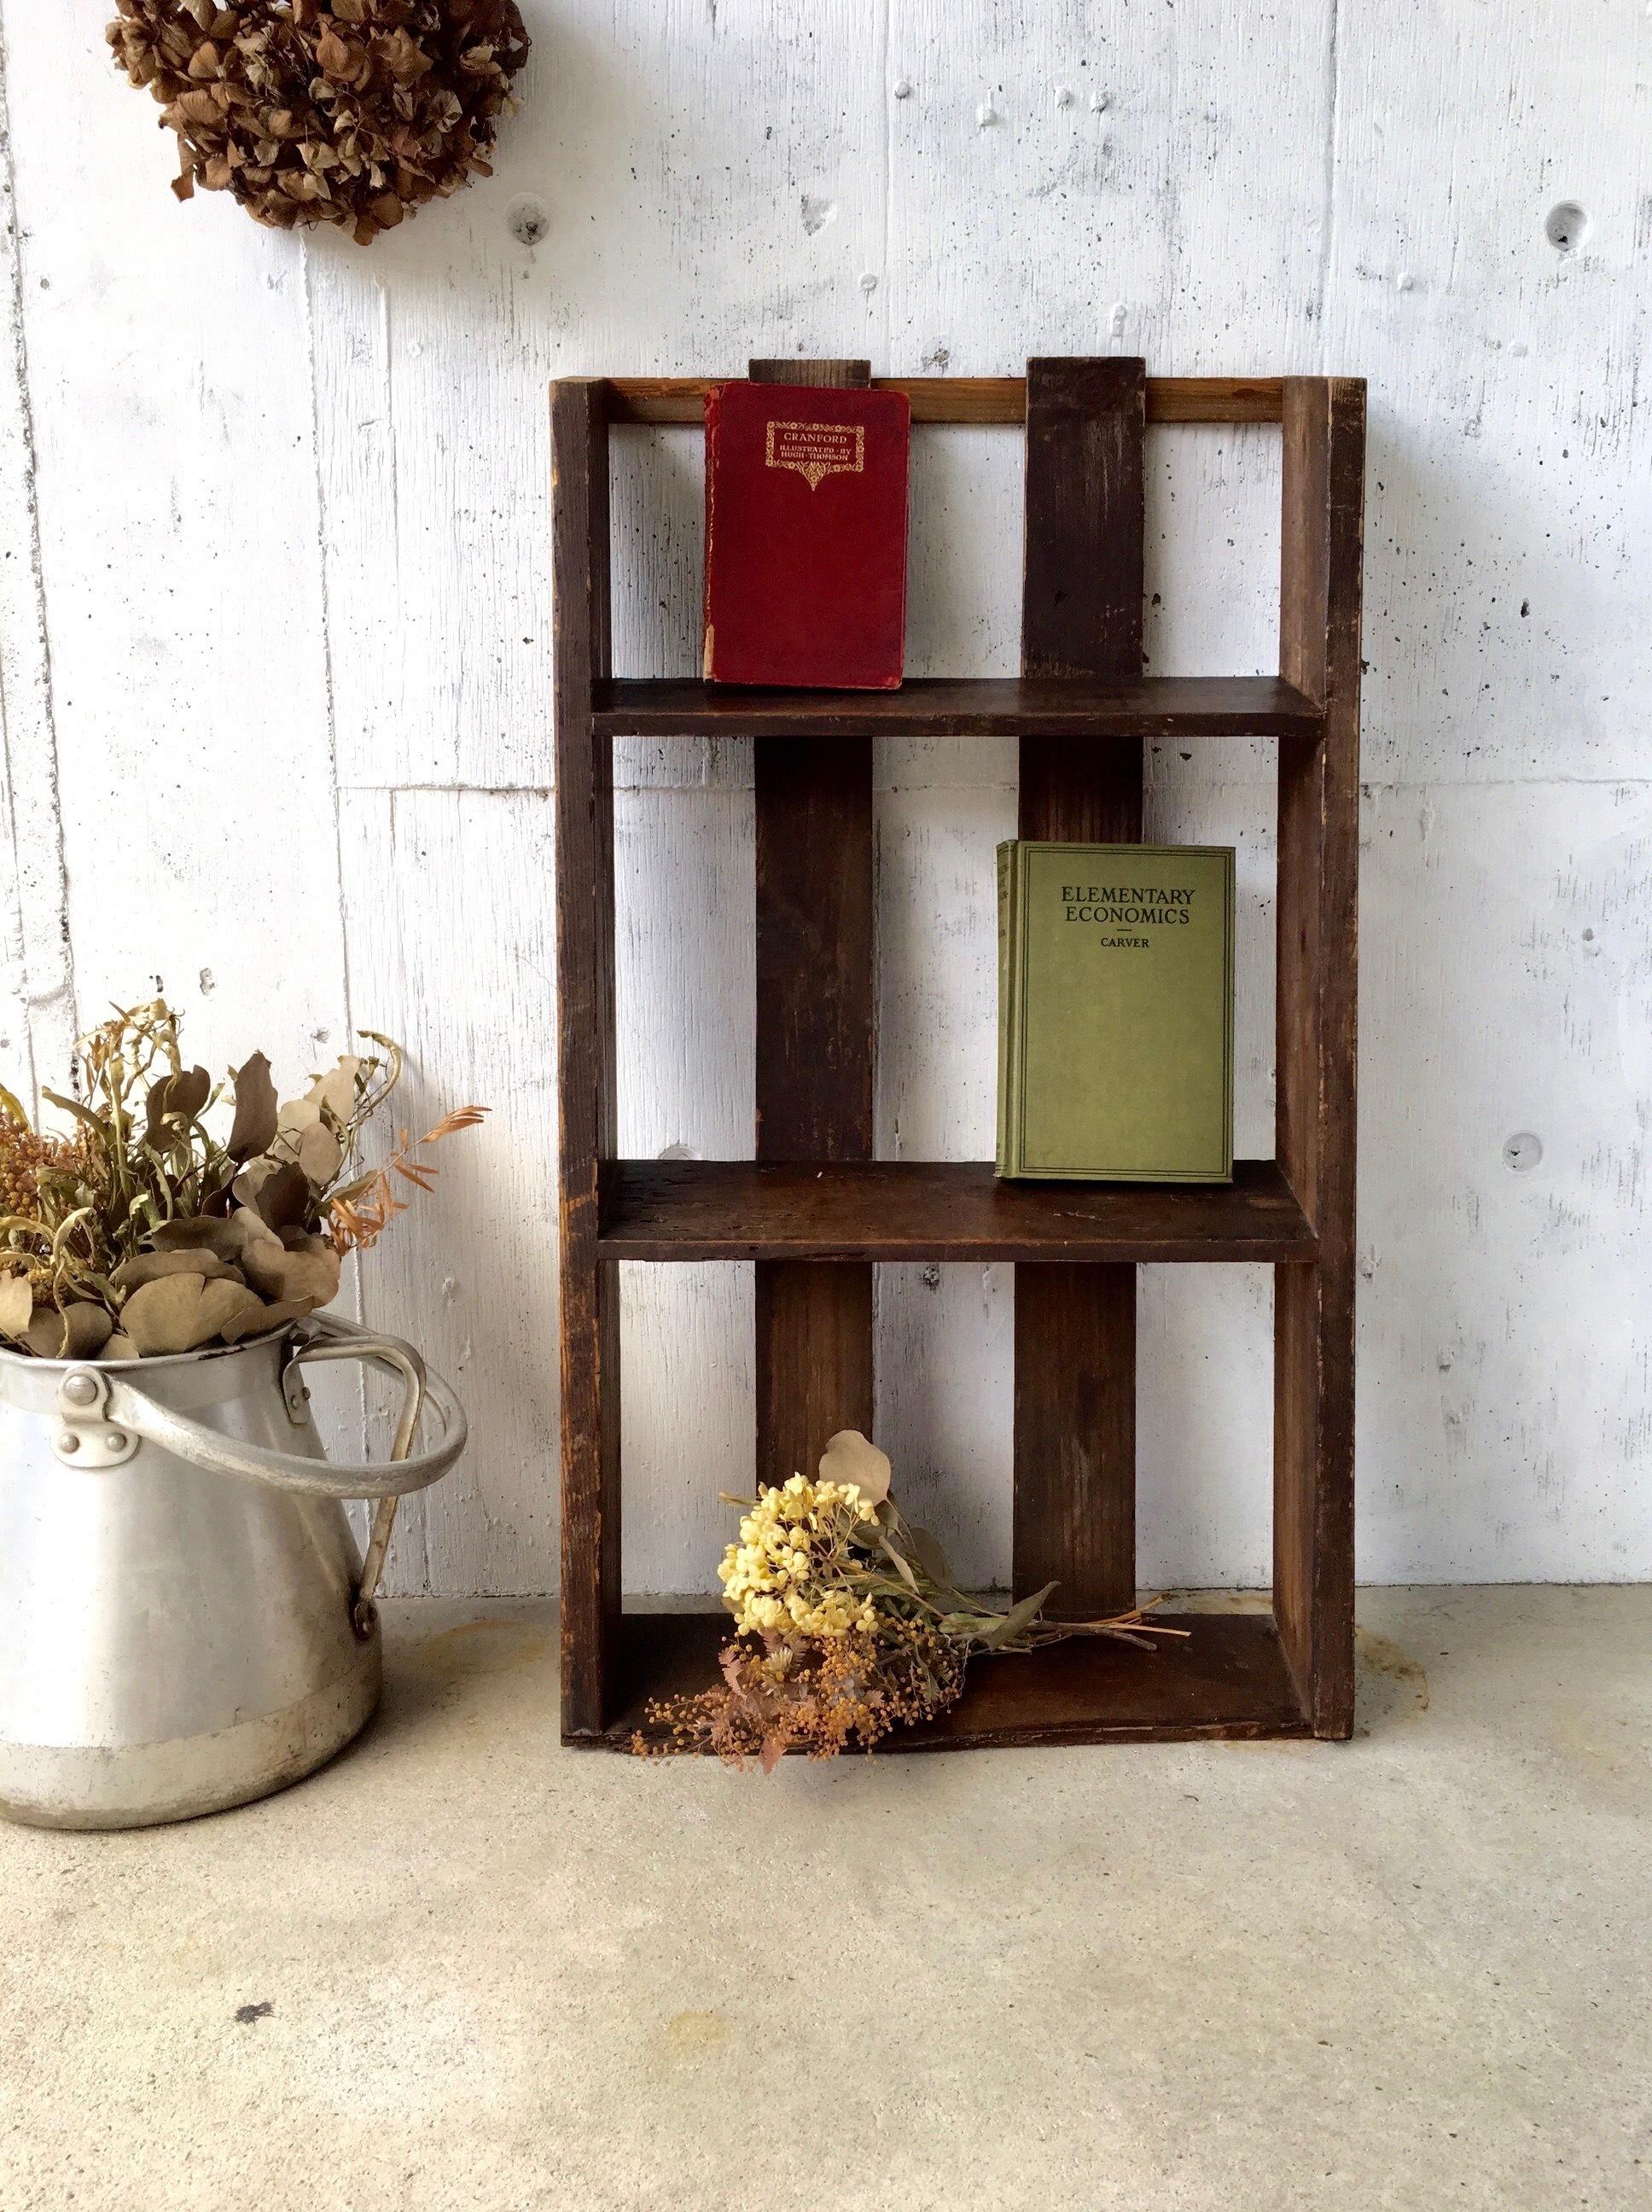 木味のラック[古家具]